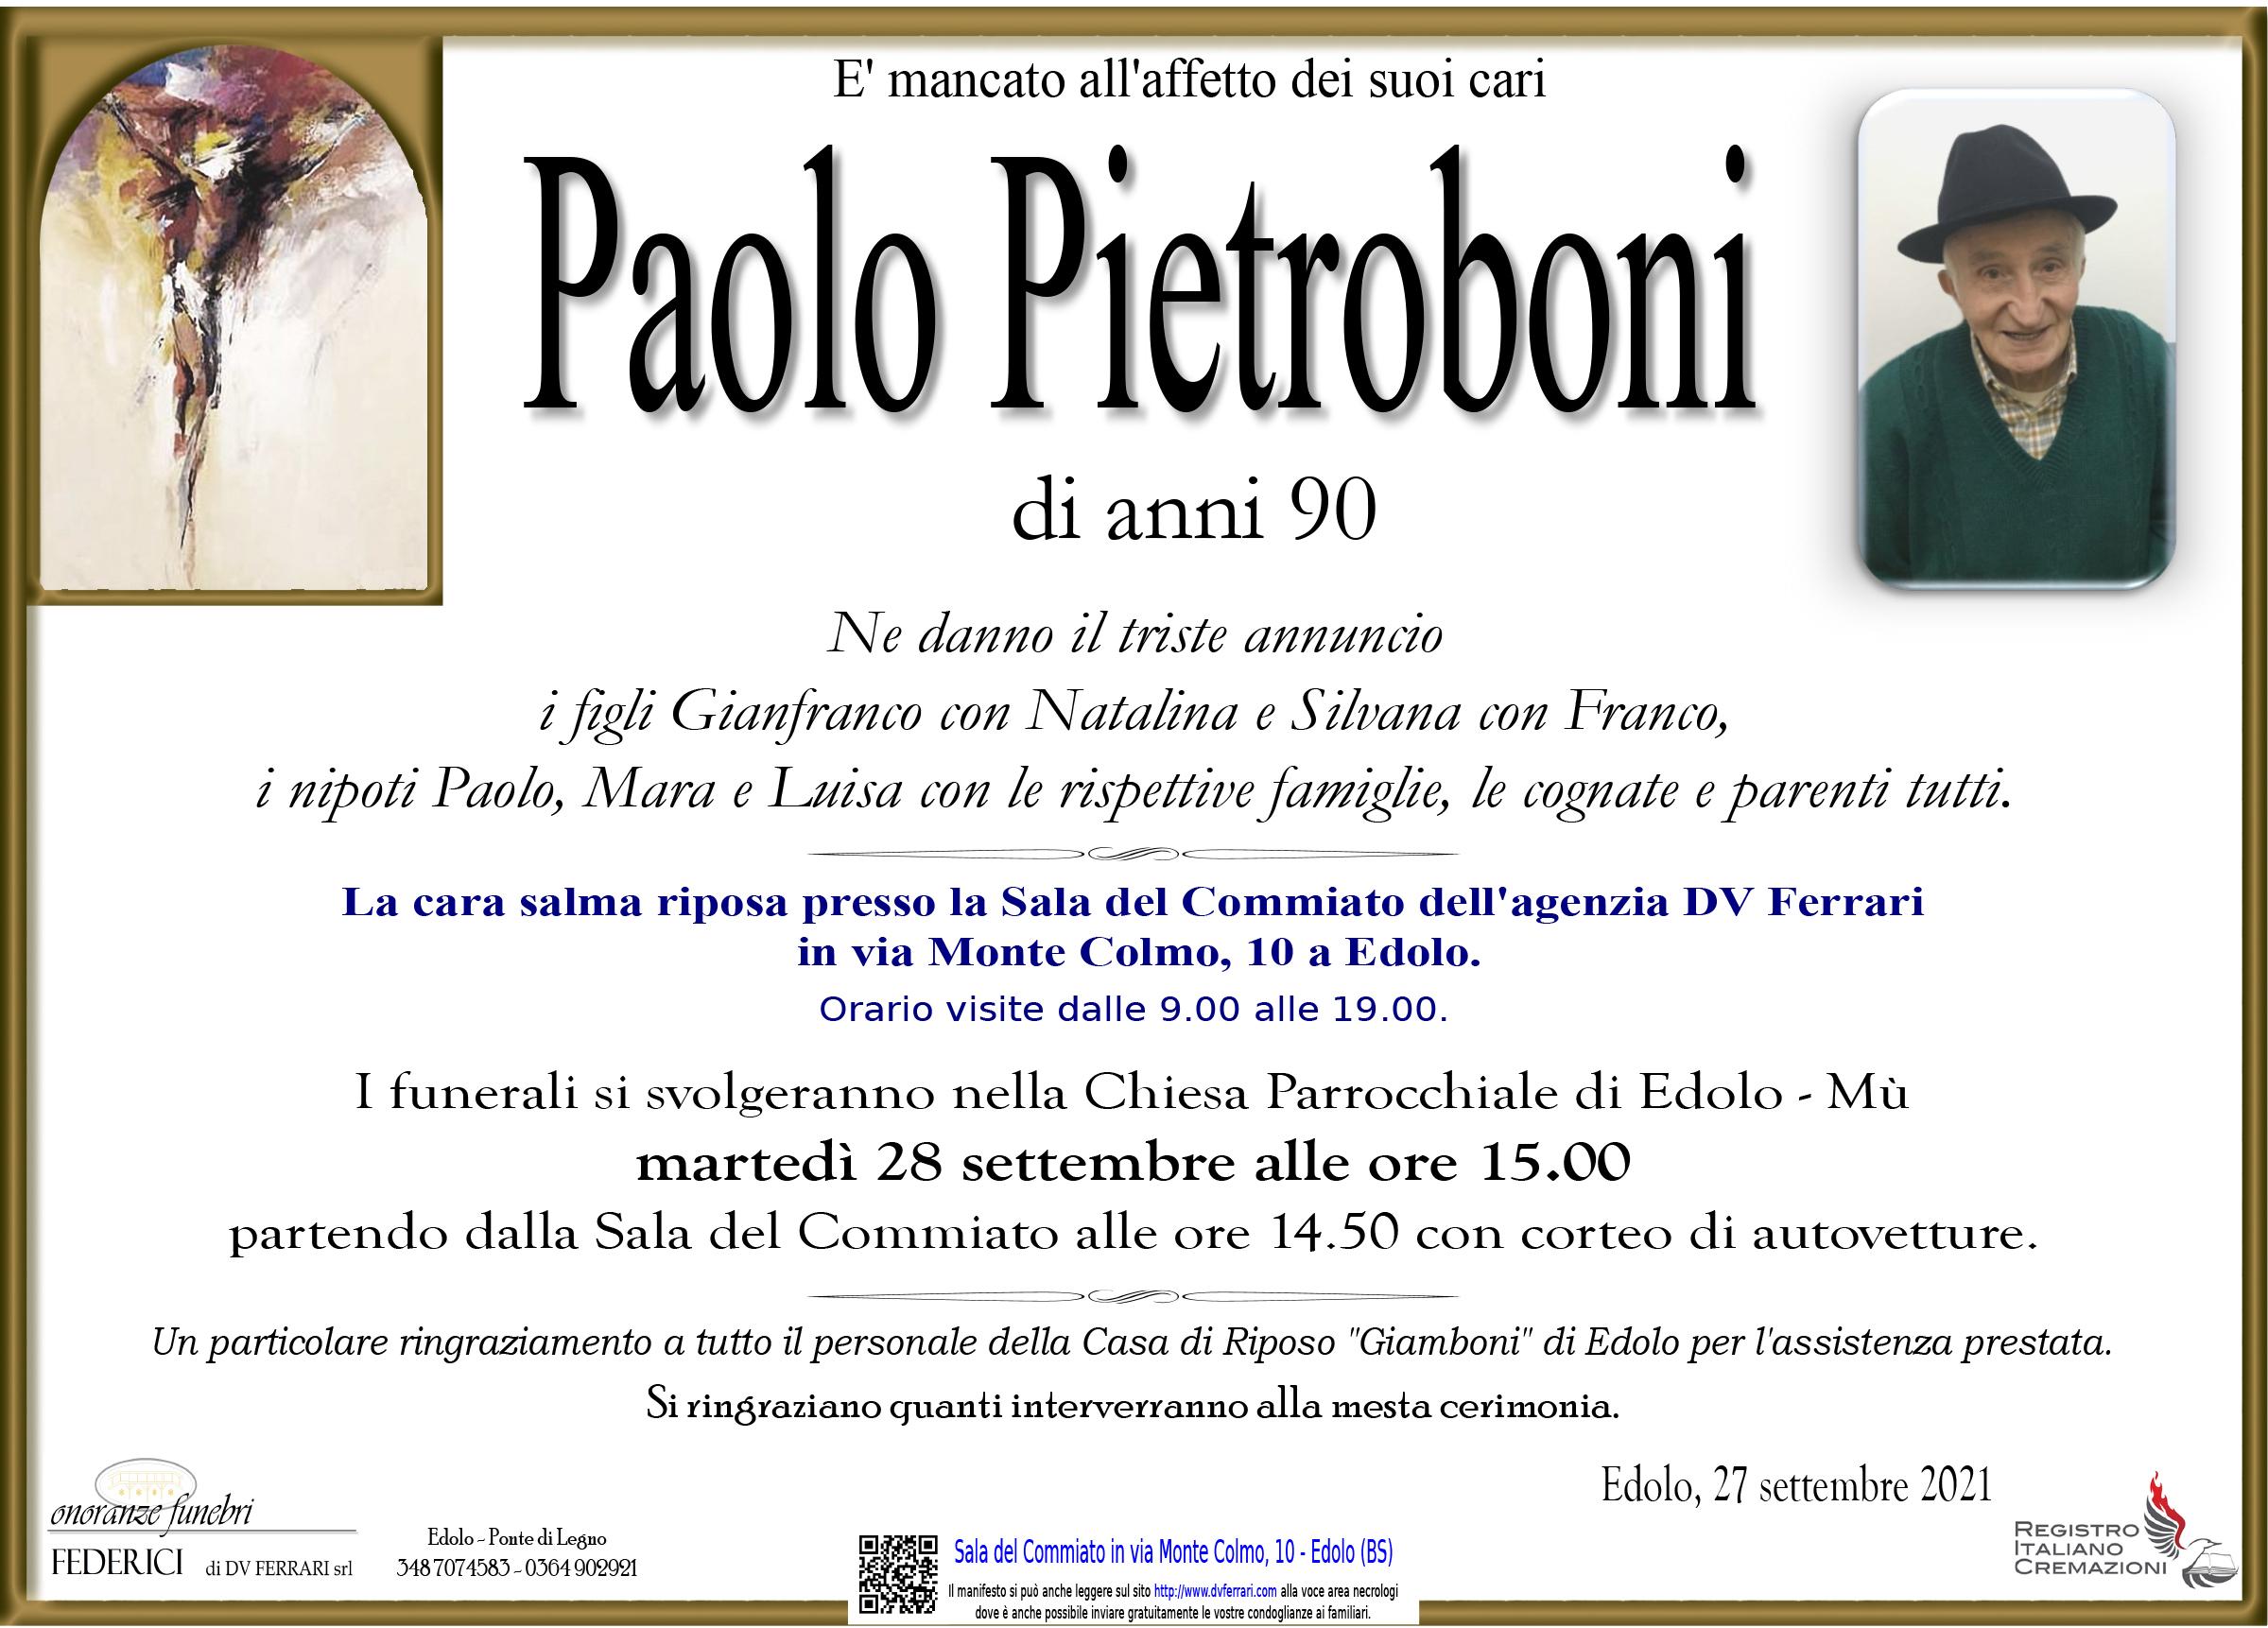 PAOLO PIETROBONI - EDOLO